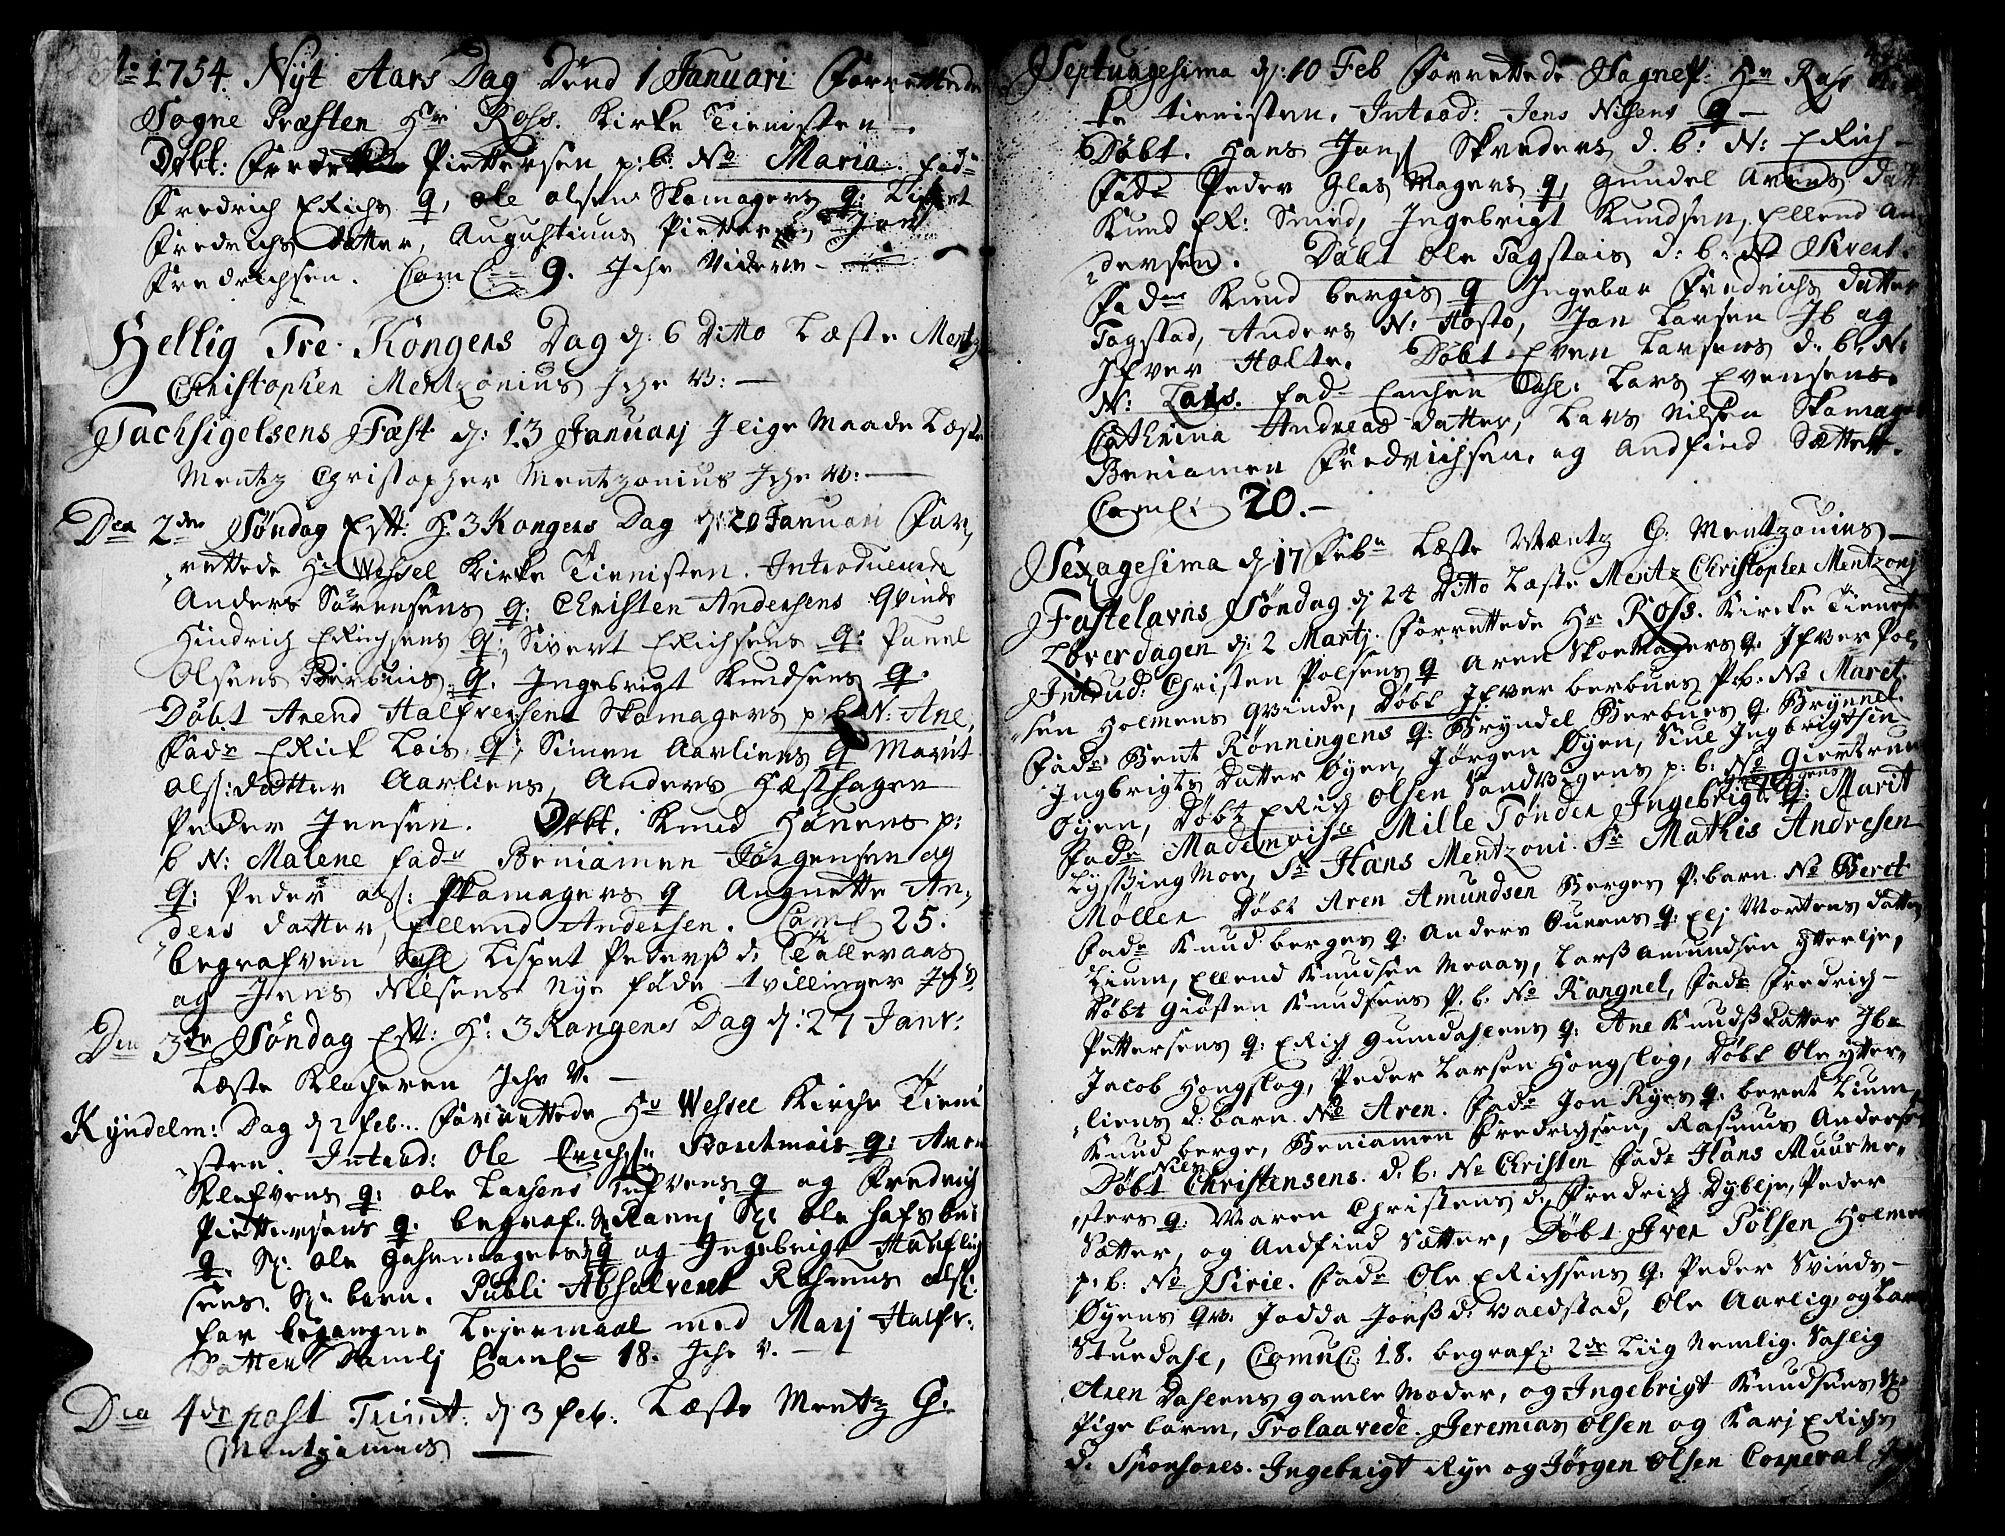 SAT, Ministerialprotokoller, klokkerbøker og fødselsregistre - Sør-Trøndelag, 671/L0839: Ministerialbok nr. 671A01, 1730-1755, s. 439-440